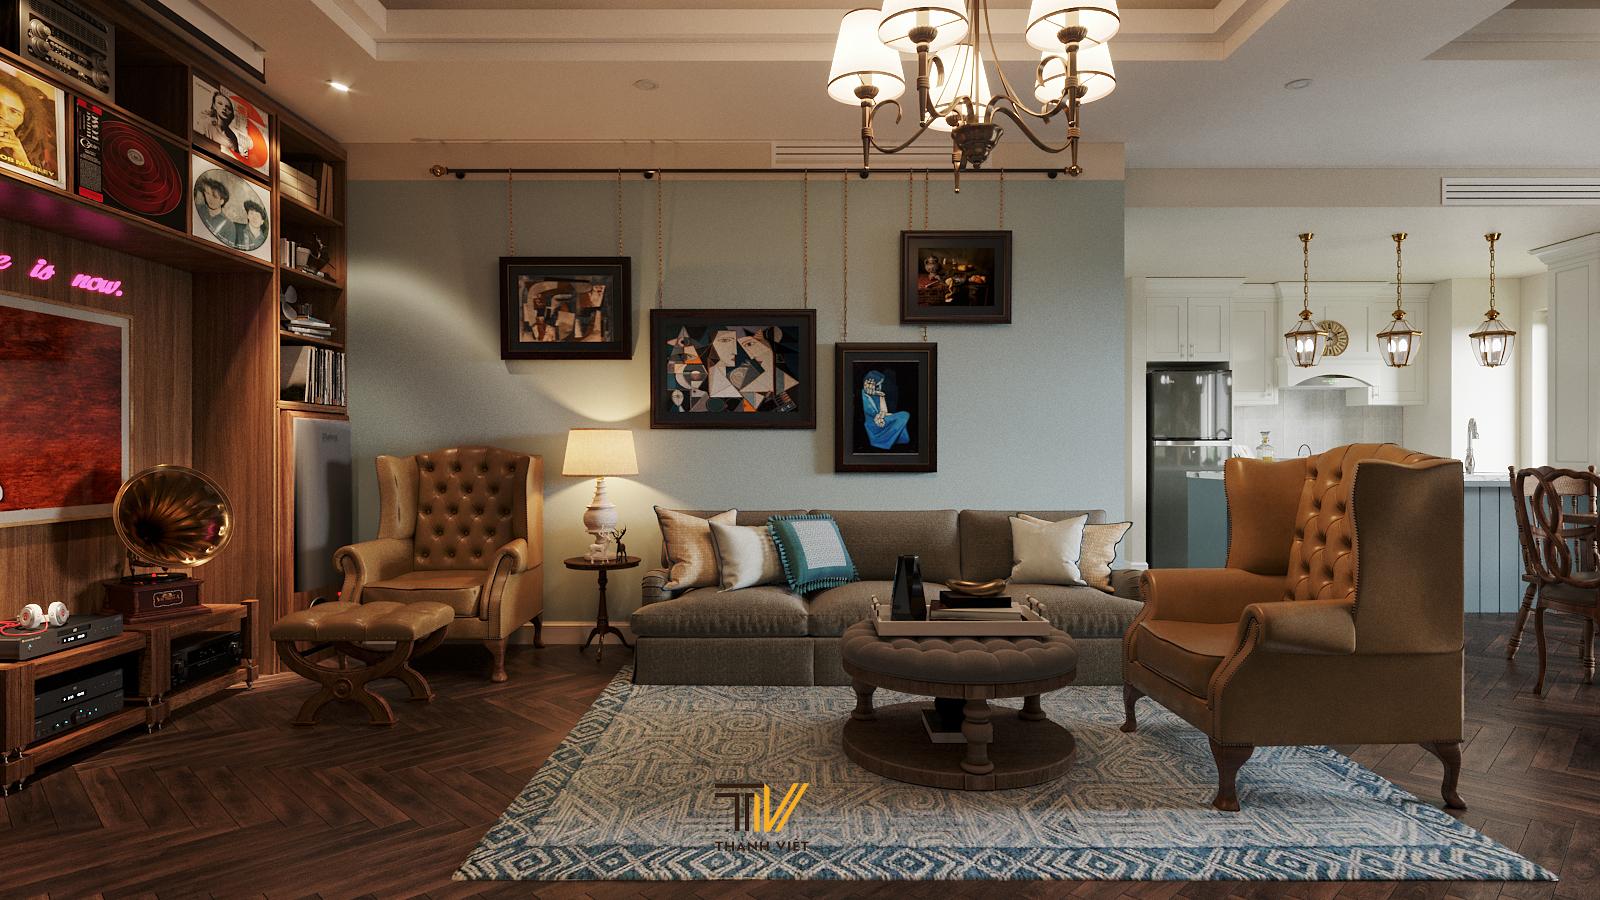 Thiết kế nội thất Chung Cư tại Hà Nội Vintage Farmhouse - Golden Westlake 1626853867 2